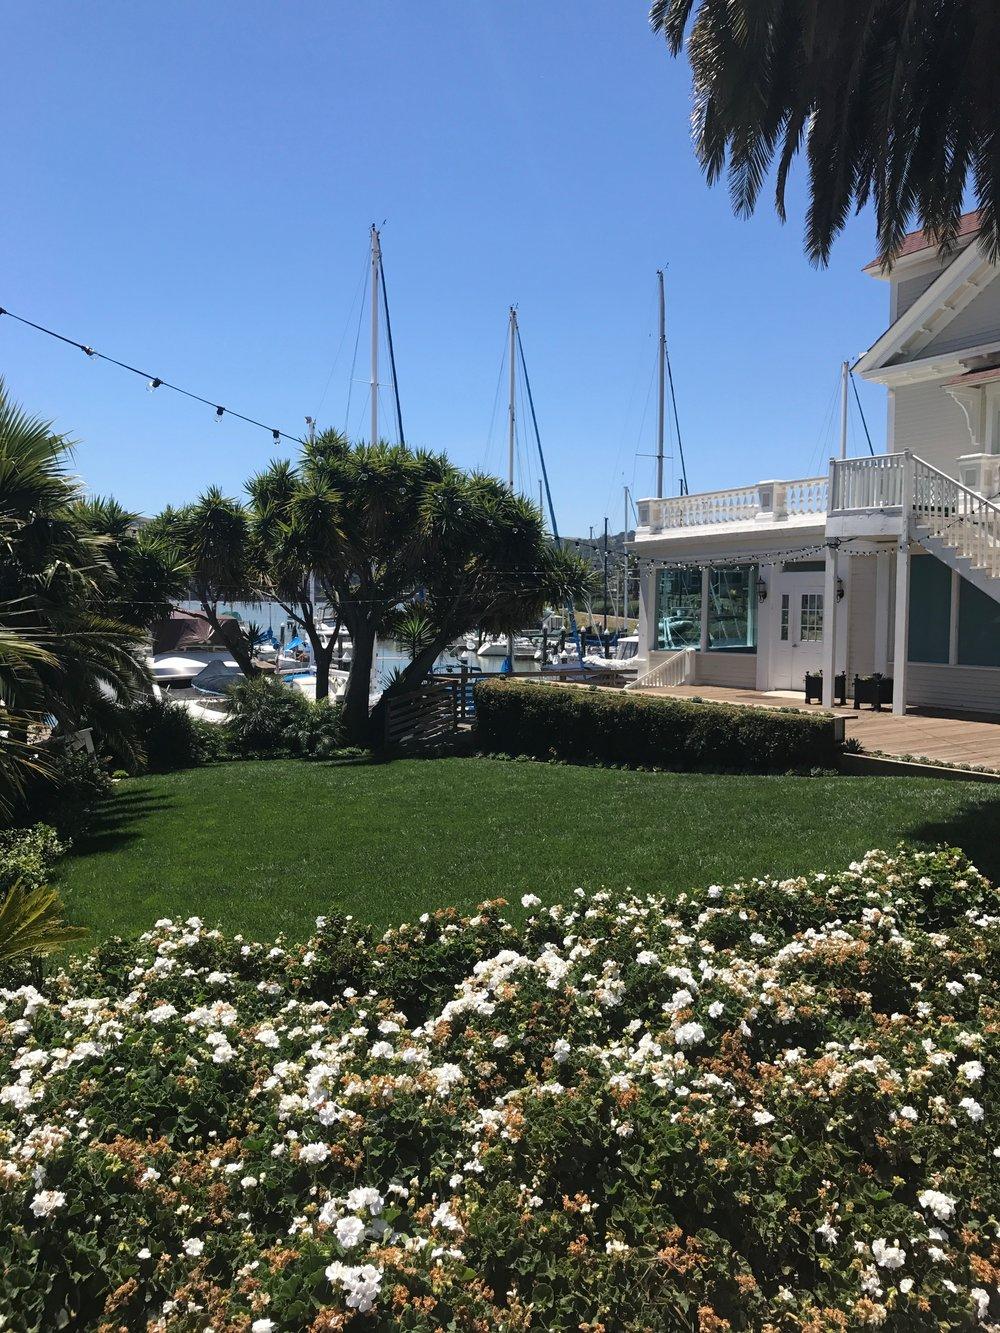 Glen_Cove_Marina_Lawn.jpg